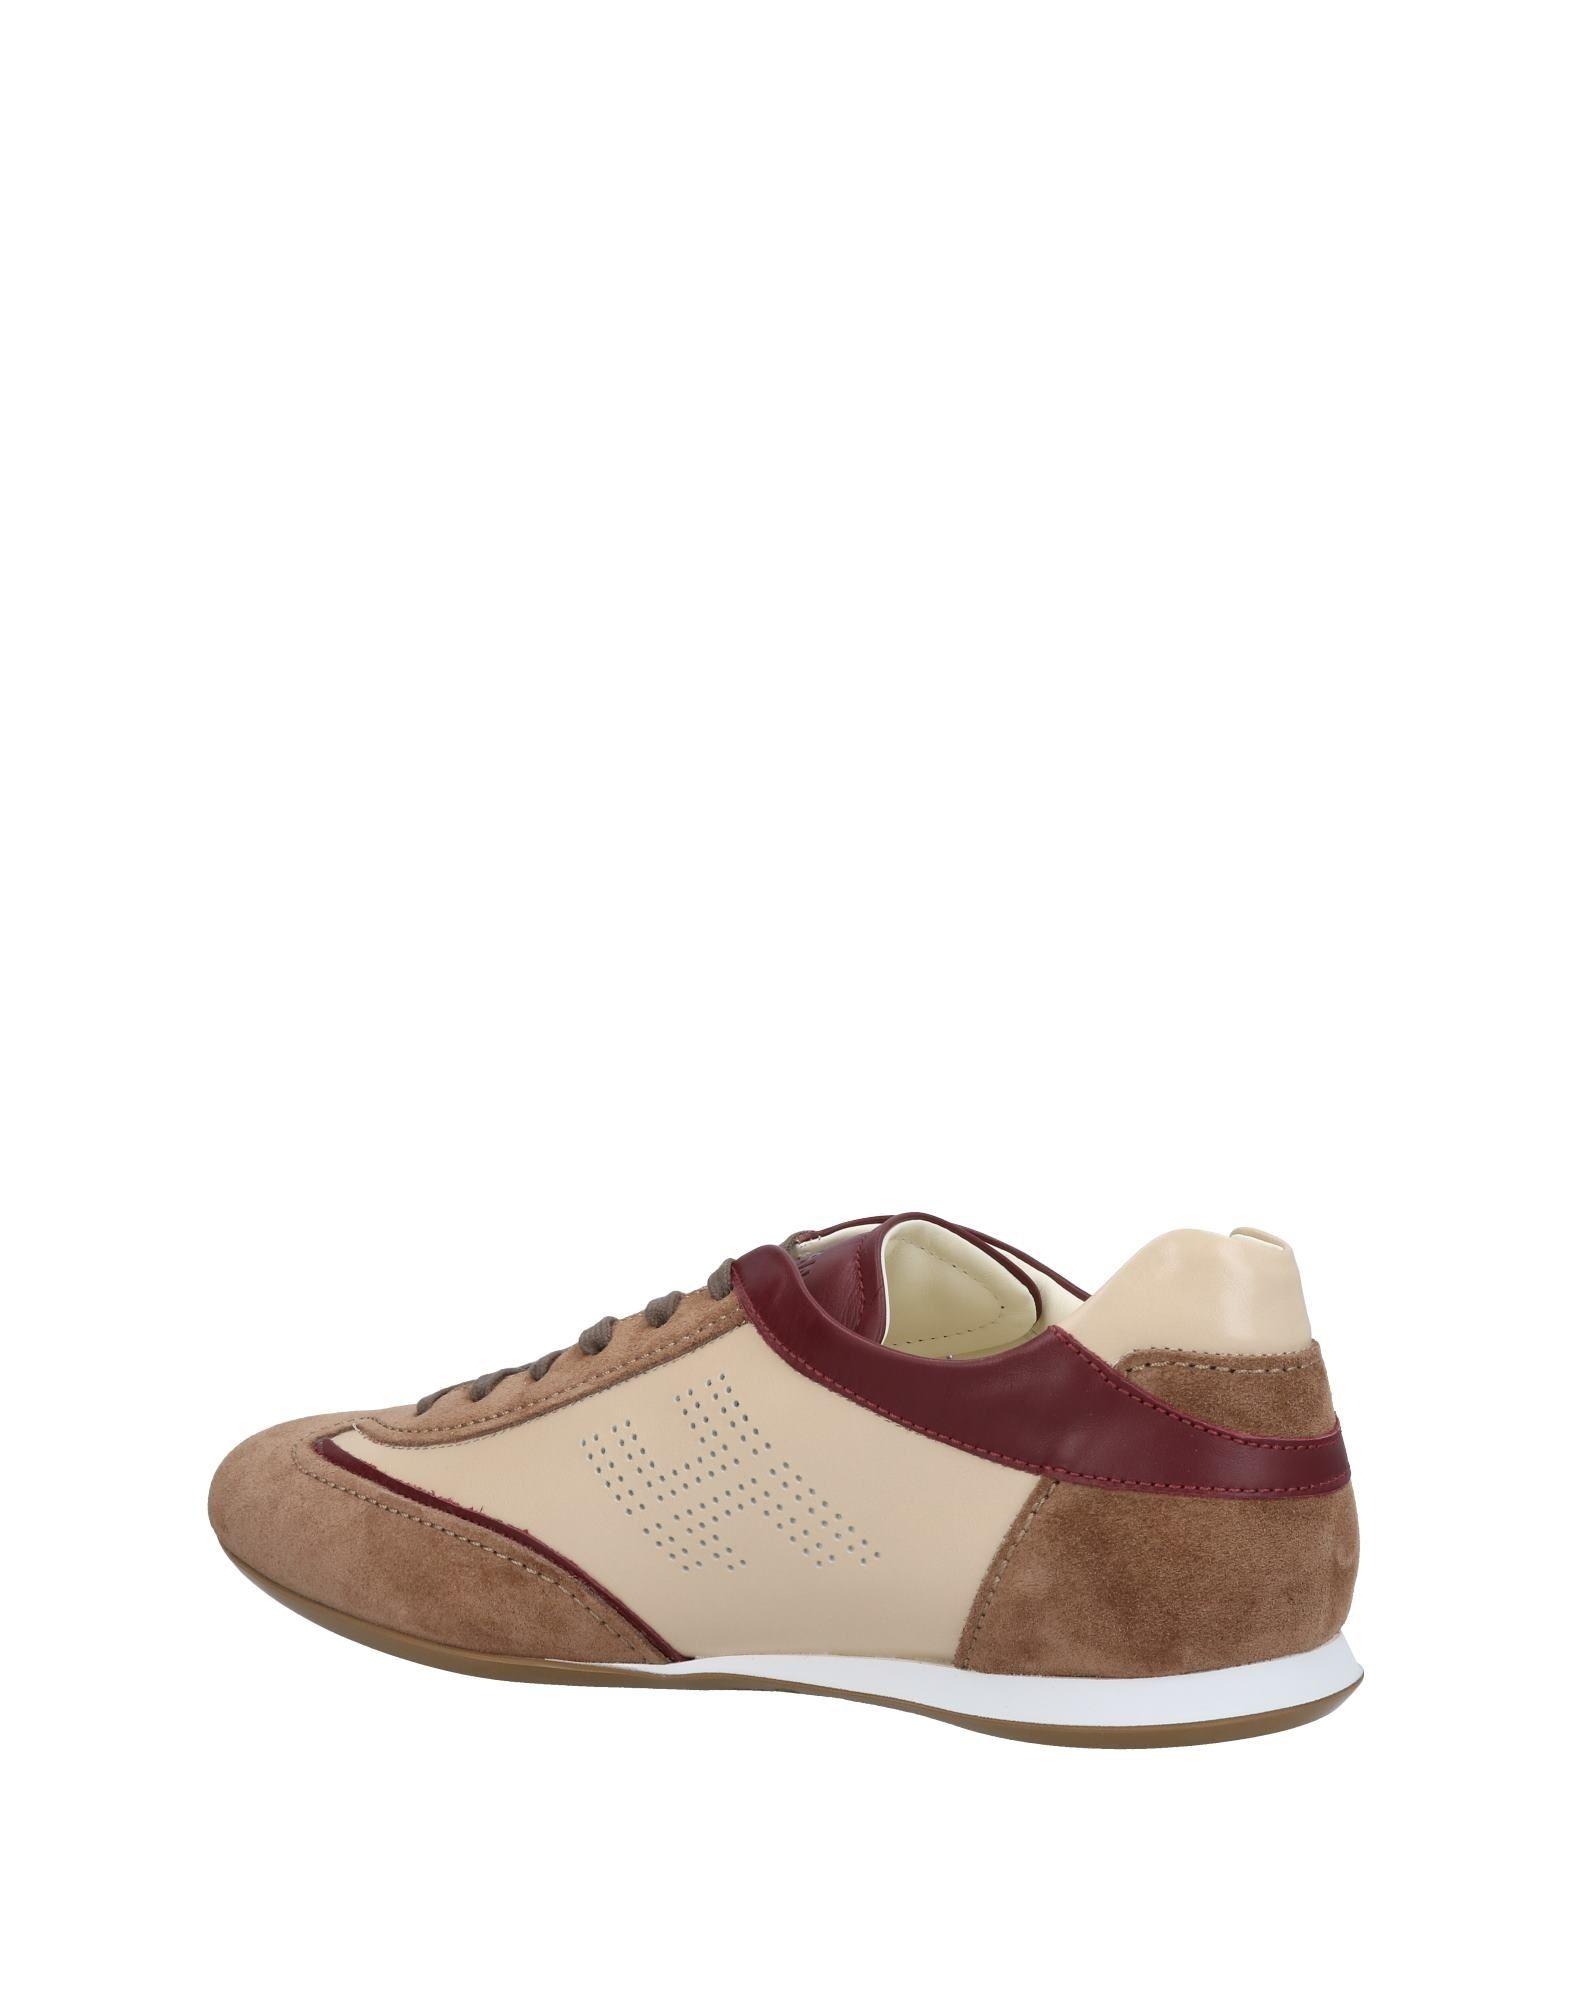 Hogan Sneakers Herren  11415244CL Gute Qualität Qualität Gute beliebte Schuhe 79fd4d